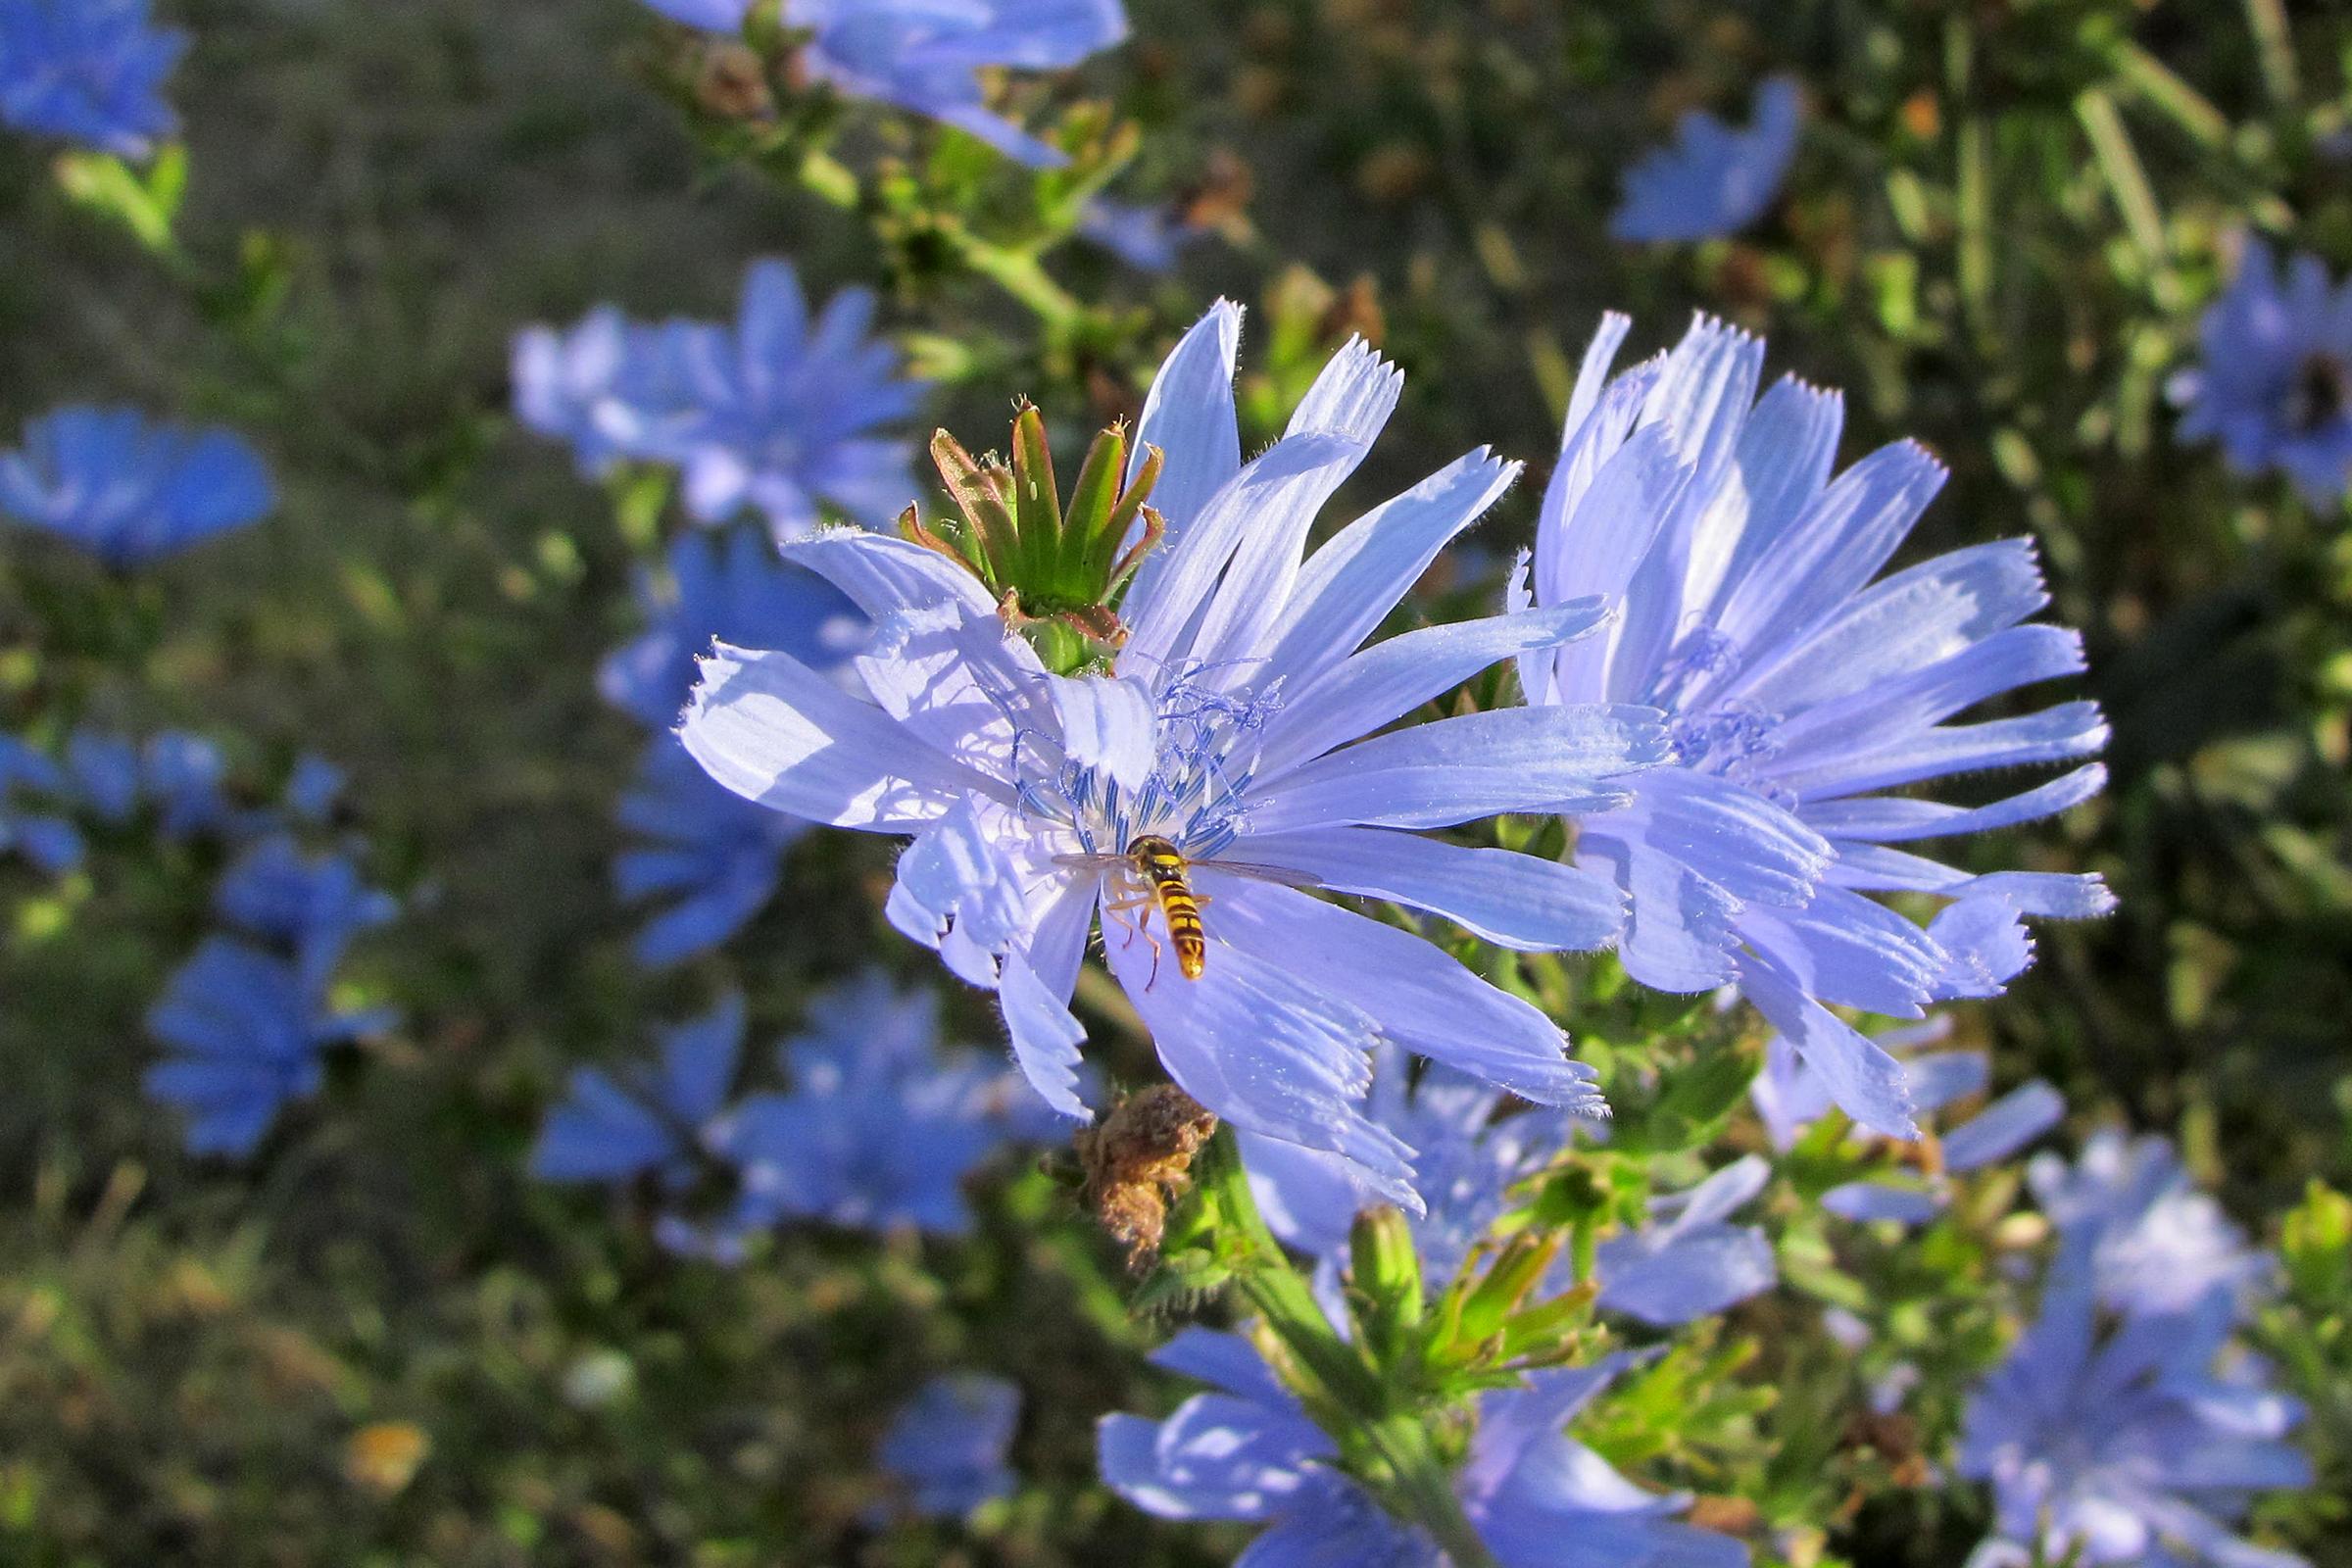 Imkerei Bienenhort Suderwich Schwebfliege